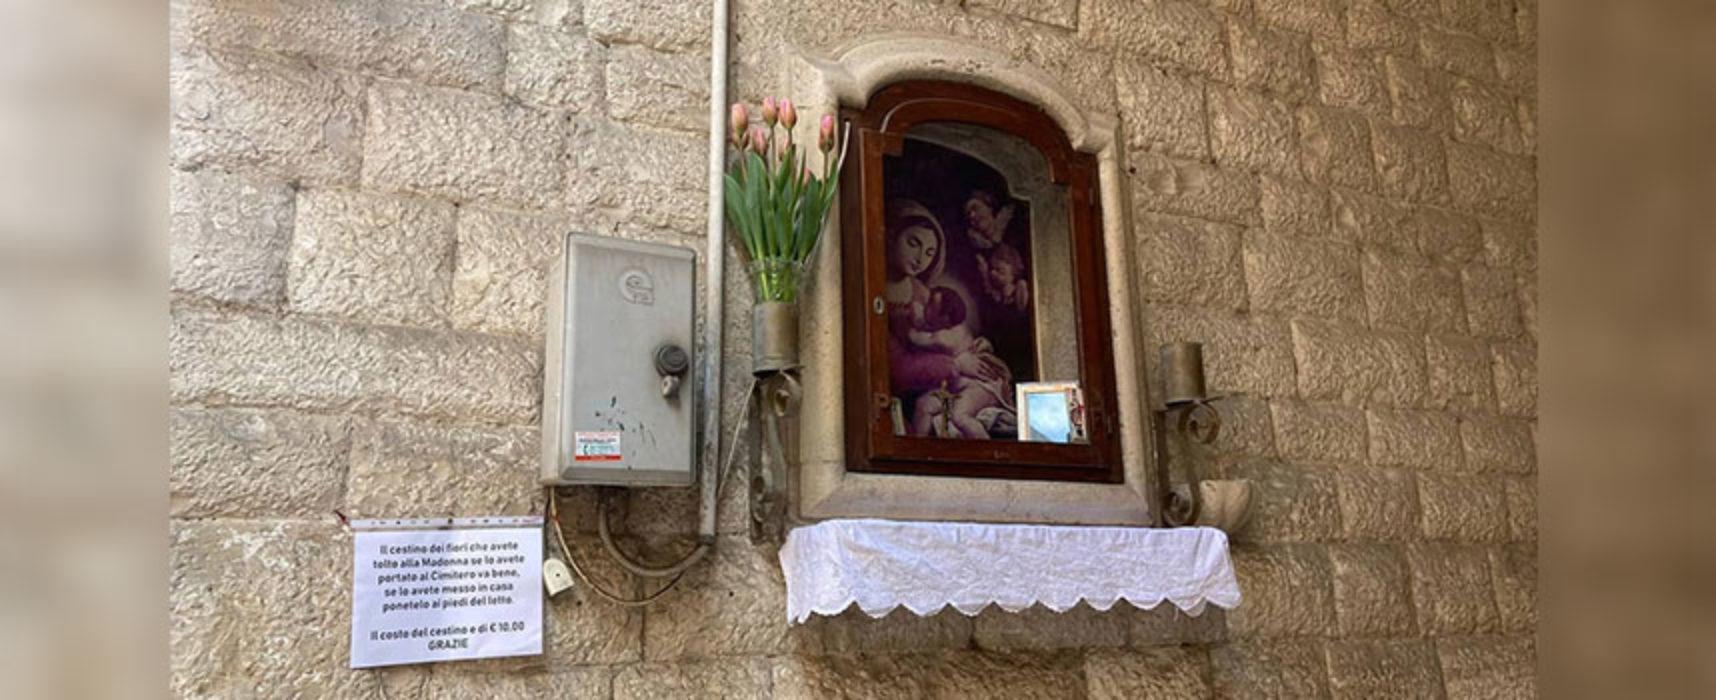 Rubano fiori alla Madonna, messaggio dei residenti ai ladri